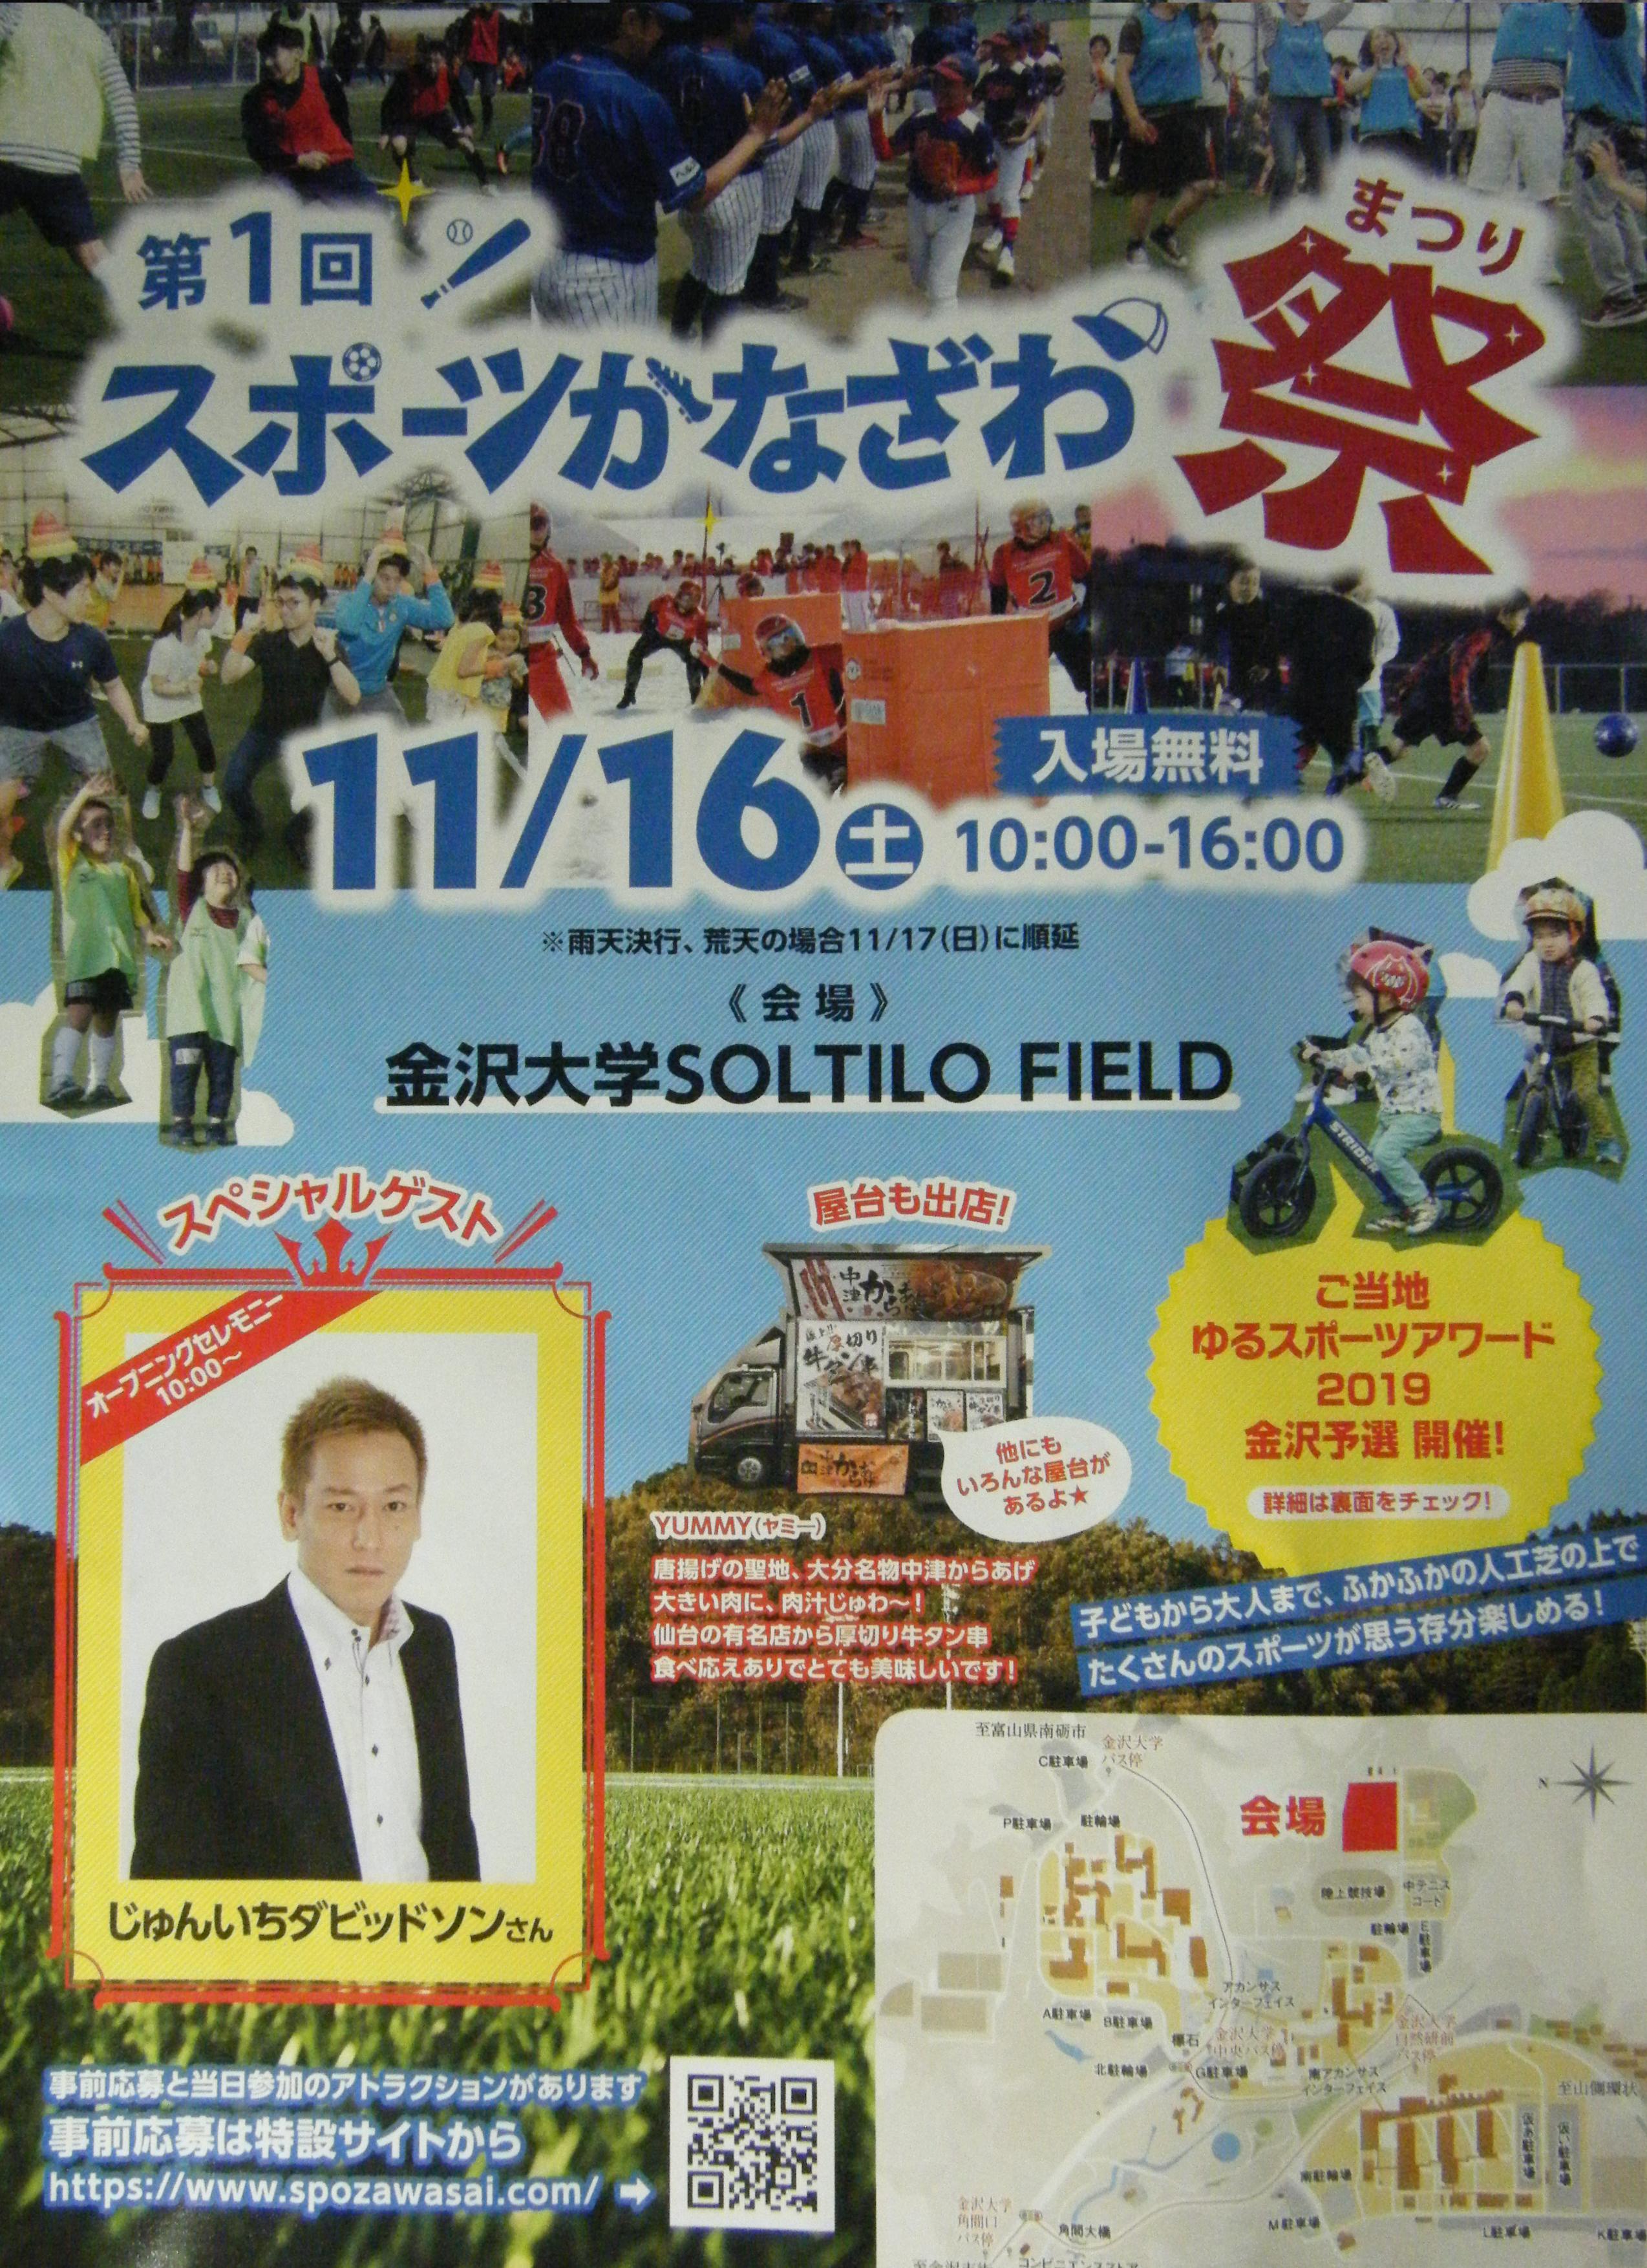 第1回スポーツかなざわ祭~スポざわ祭~